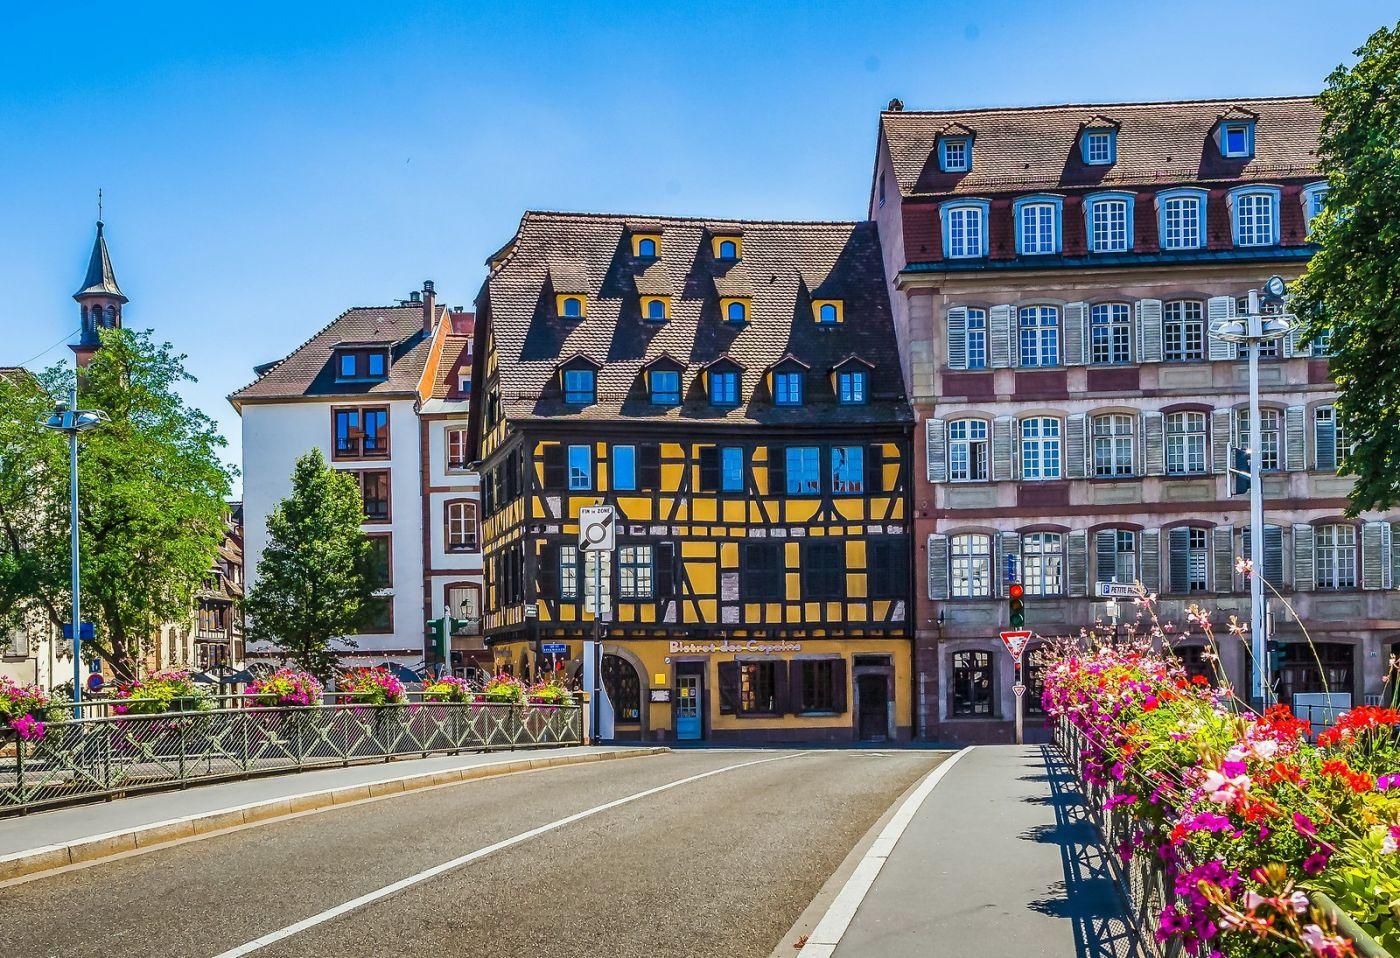 法国斯特拉斯堡(Strasbourg),边走边拍_图1-29